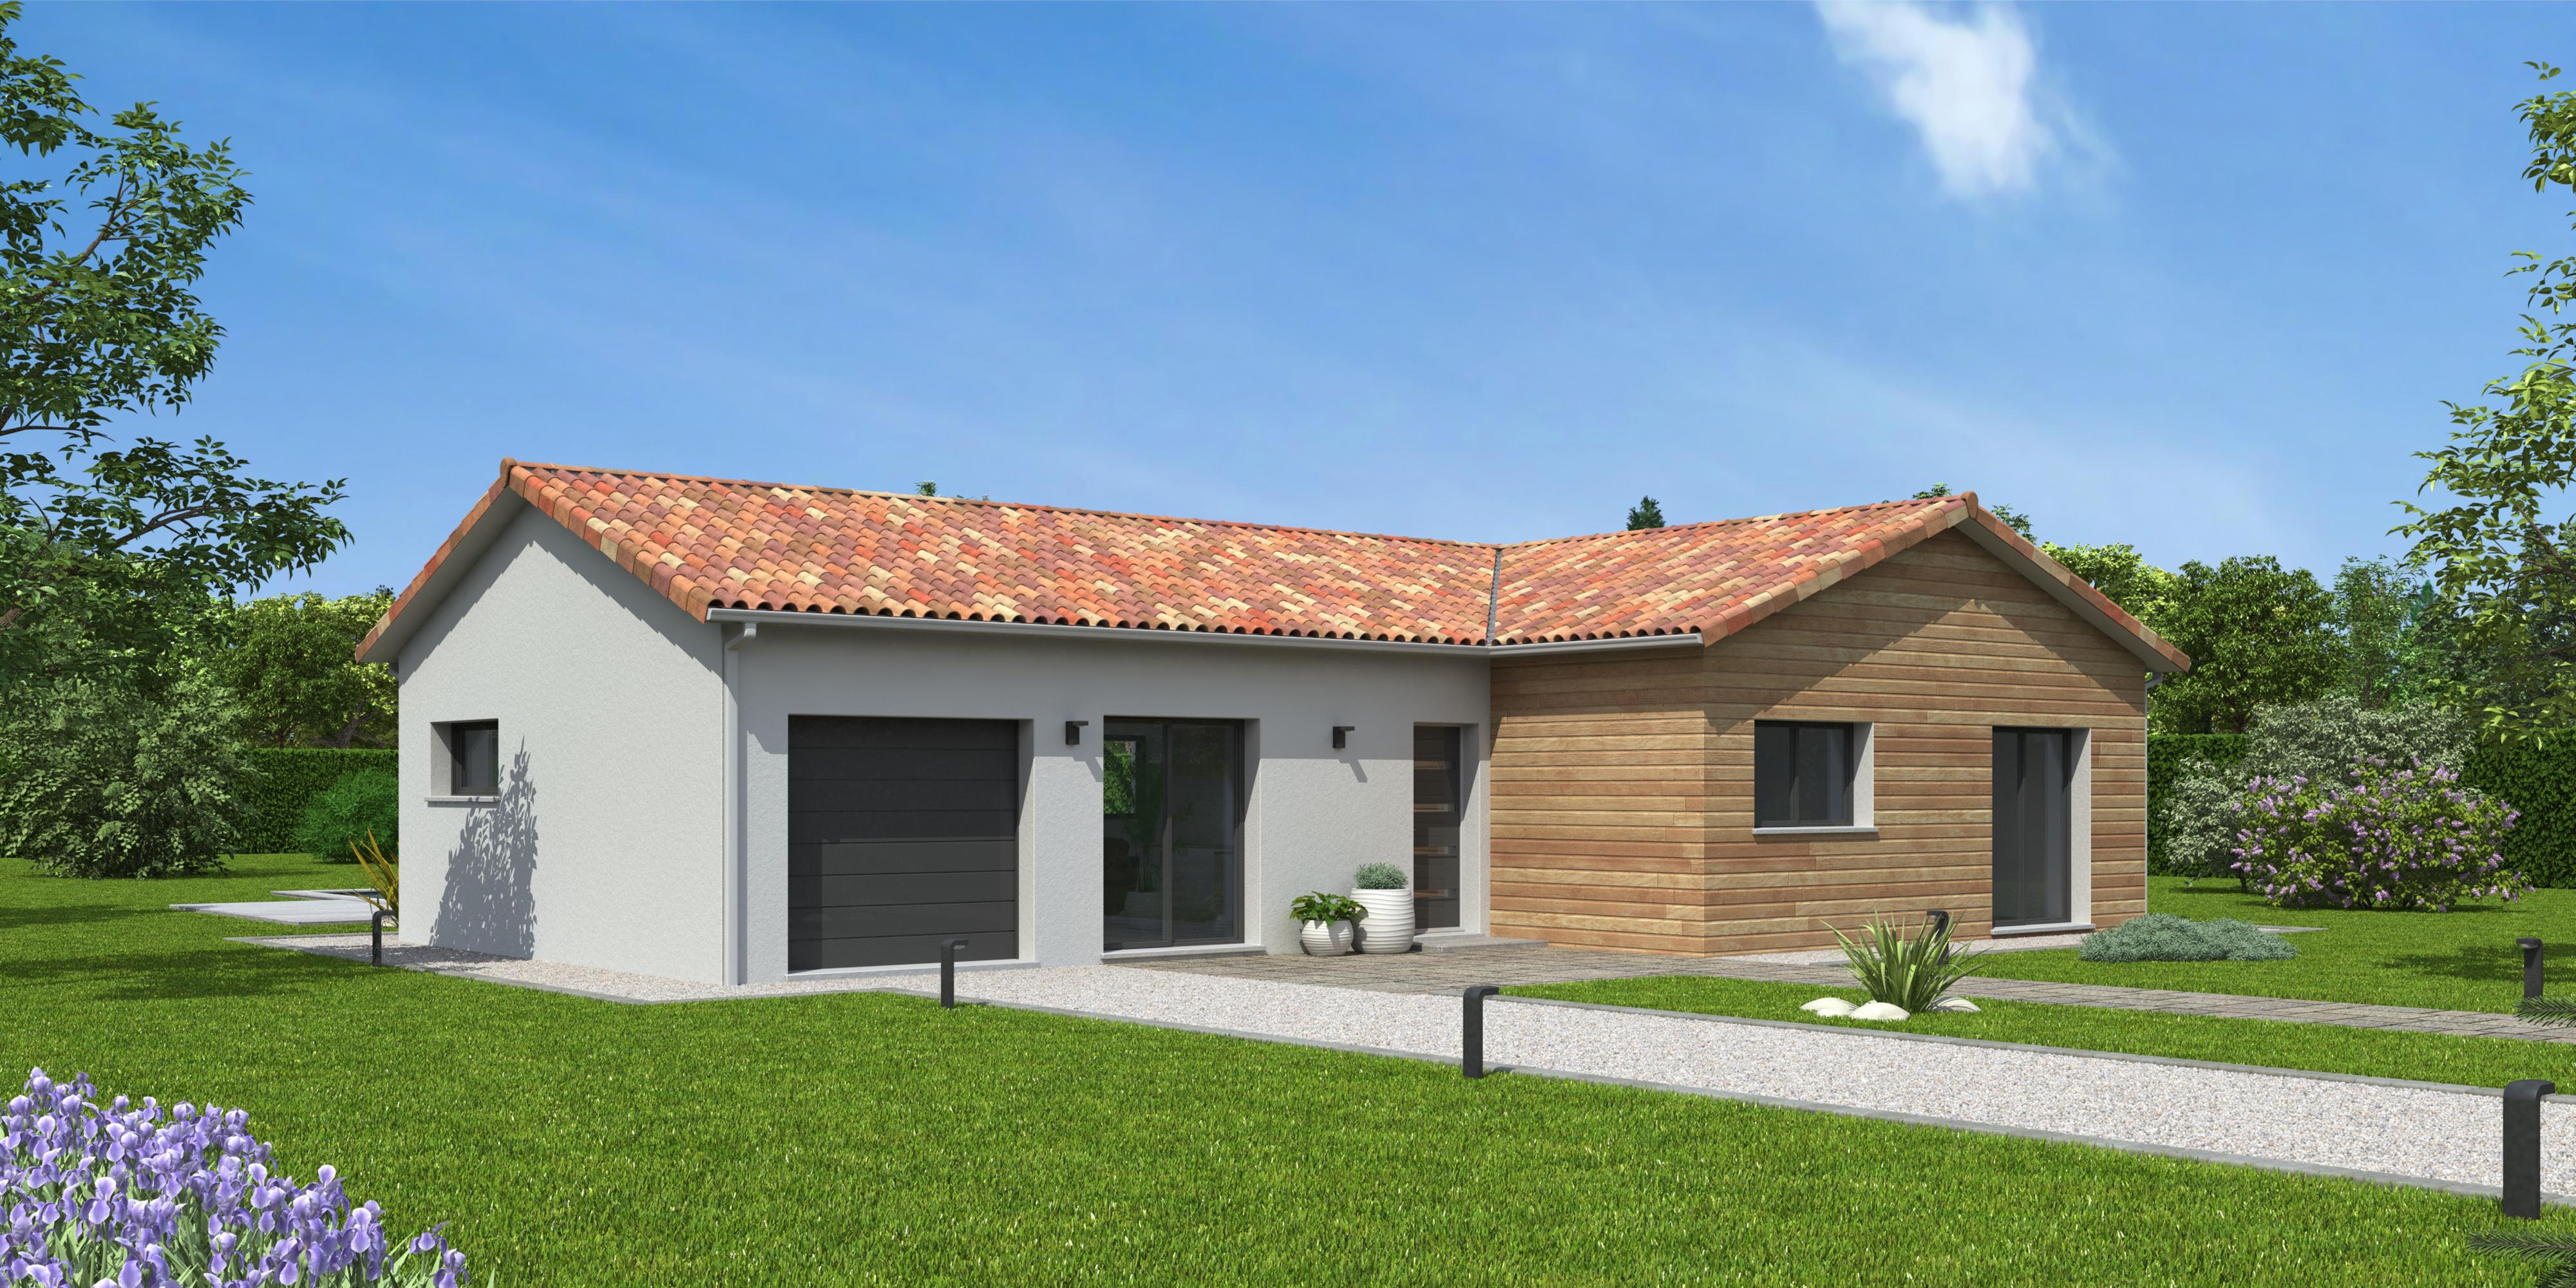 Maisons du constructeur NATILIA • 97 m² • SAINT JEAN D'ARDIERES